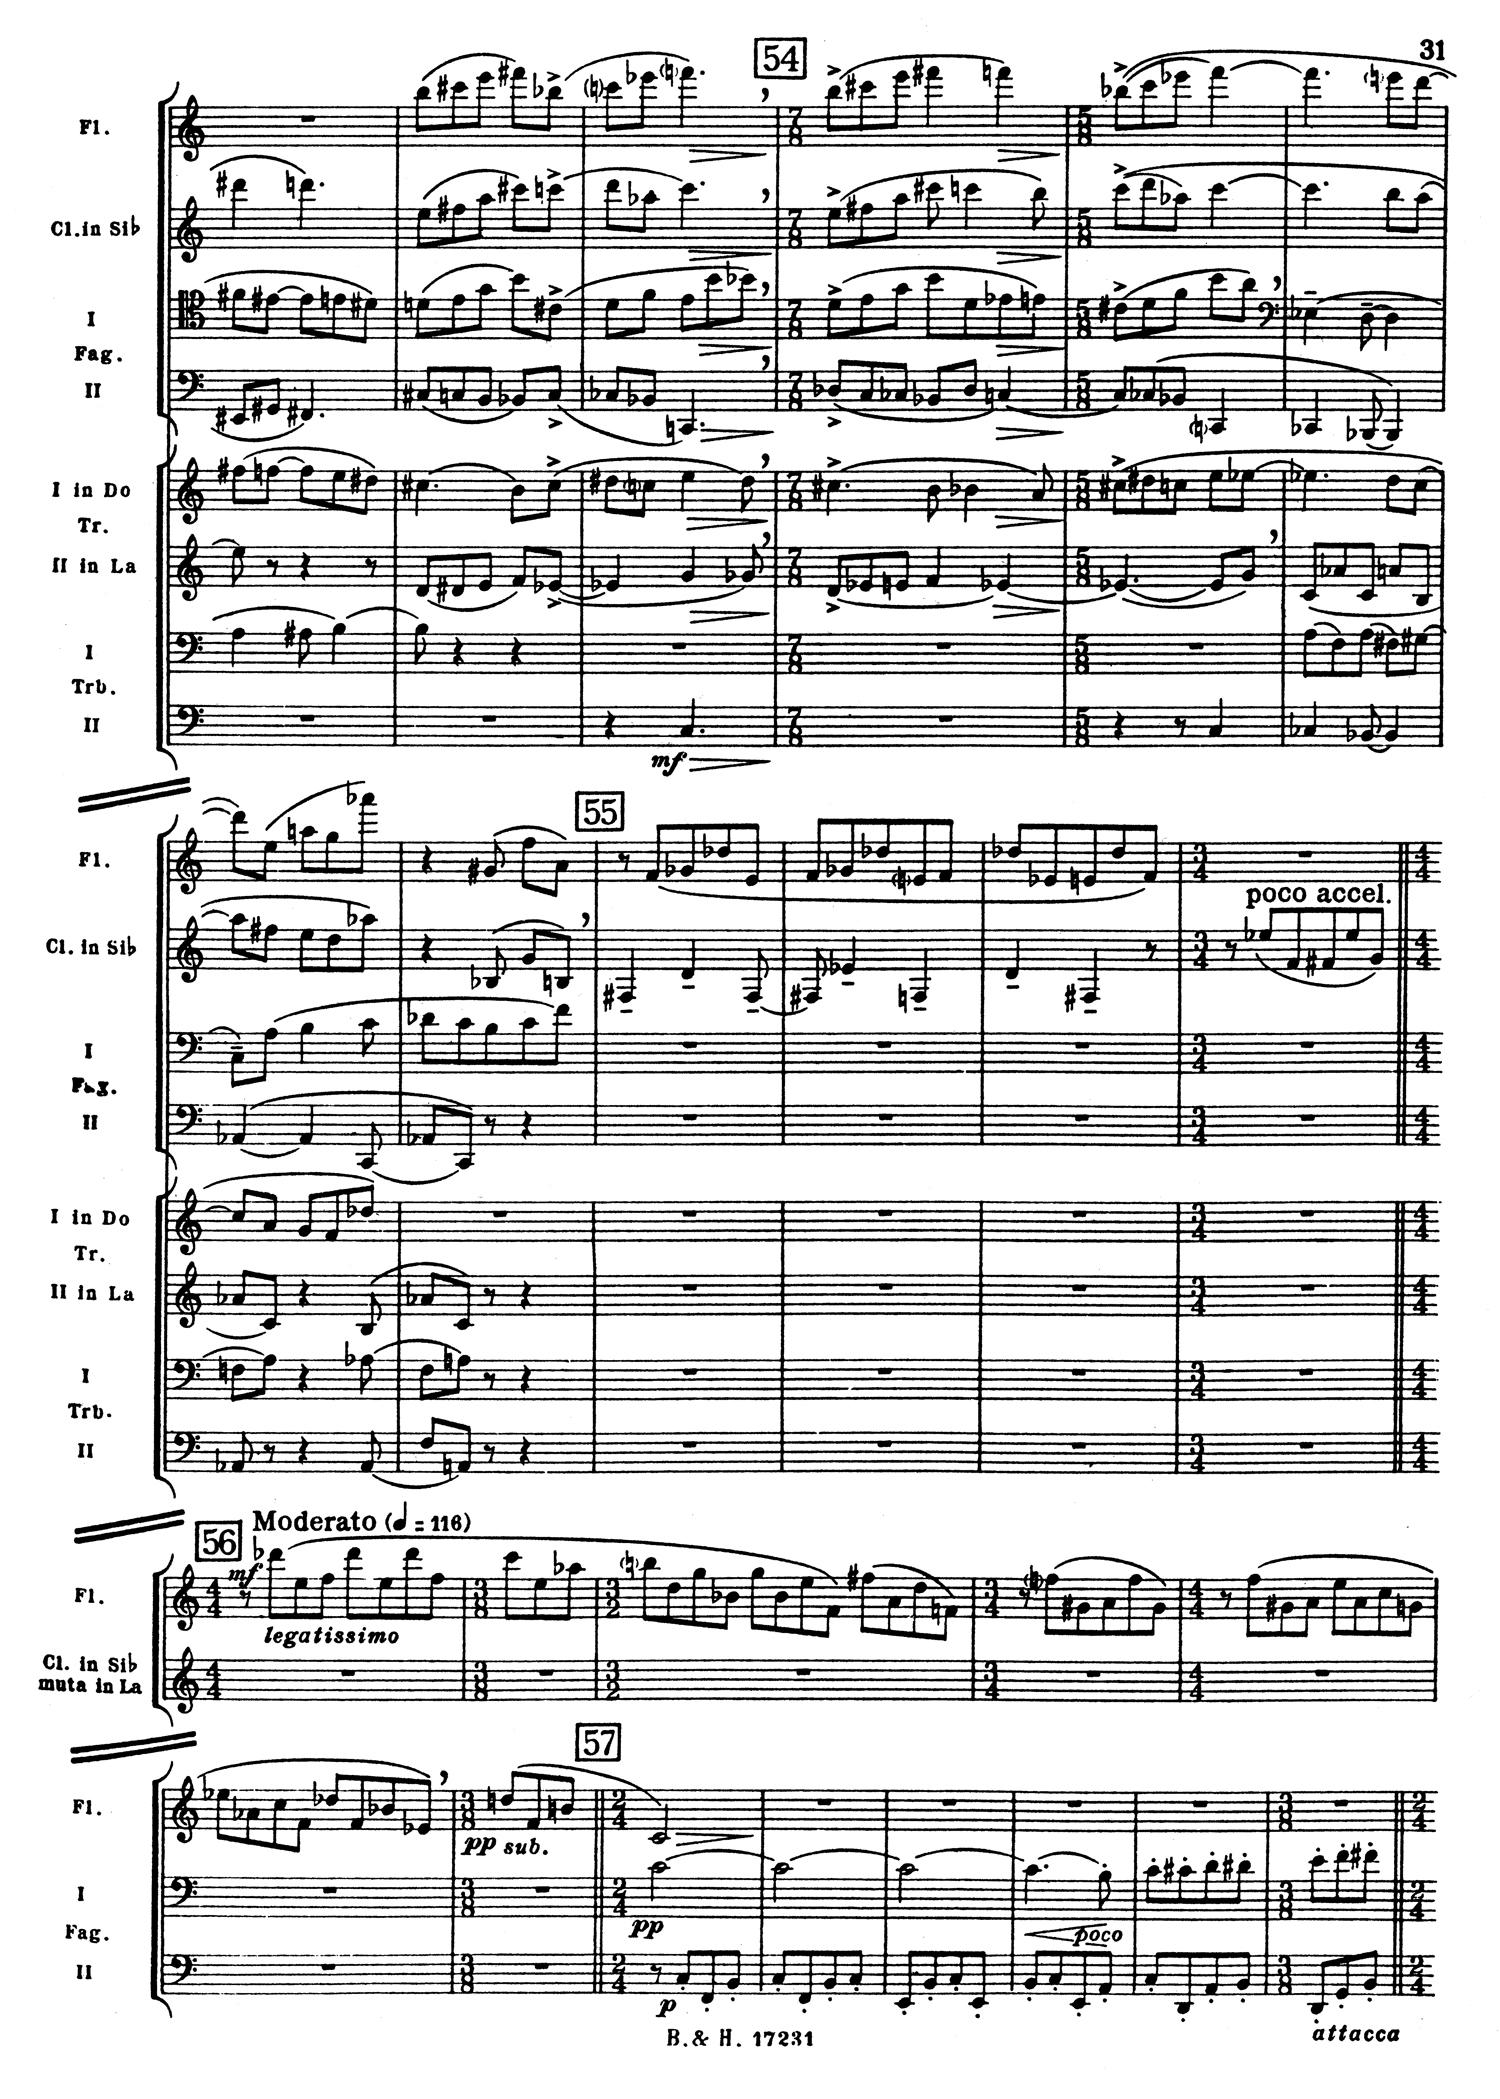 Stravinsky Octet Score 2.jpg